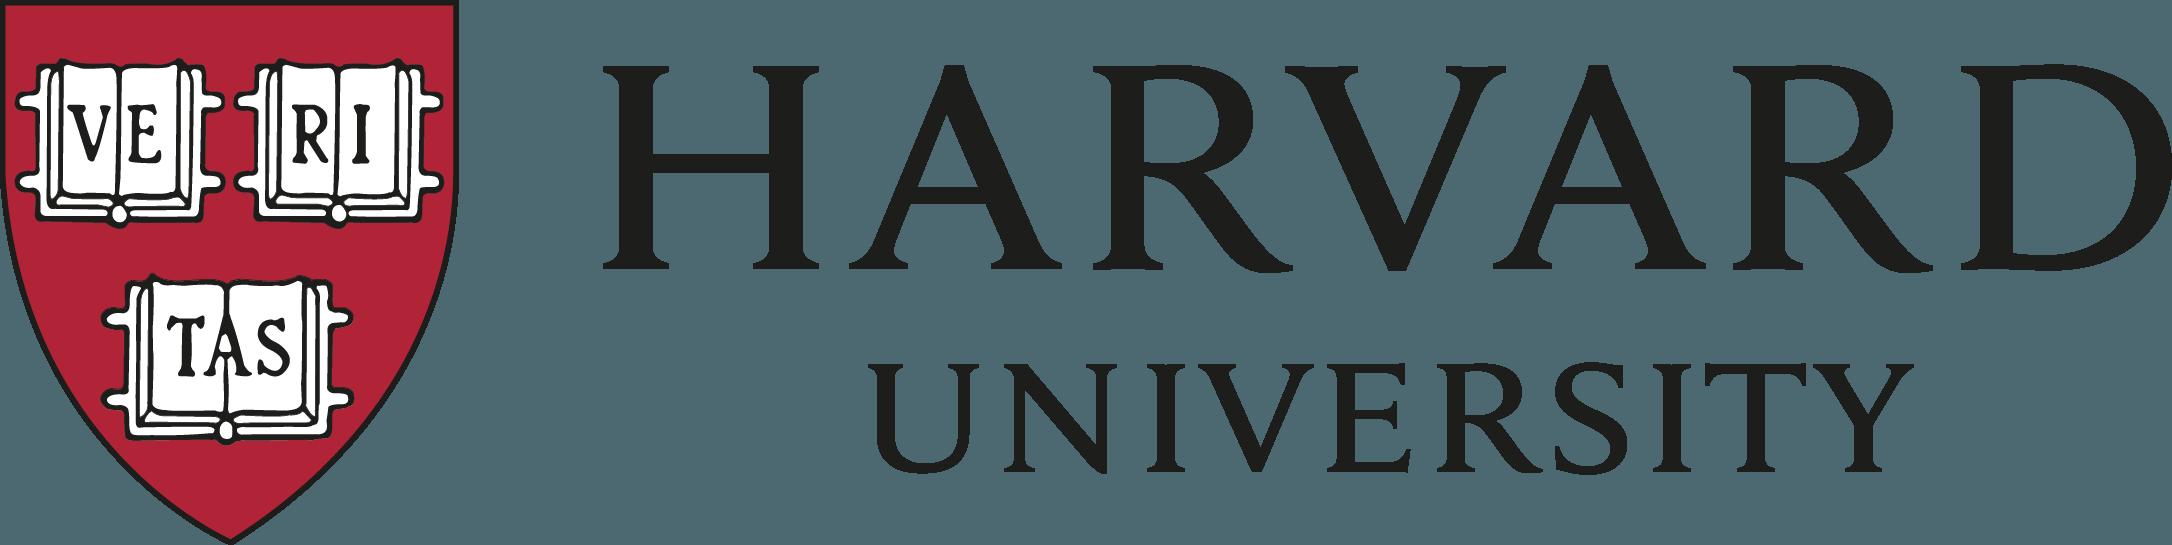 Harvard University Logo [harvard.edu] png